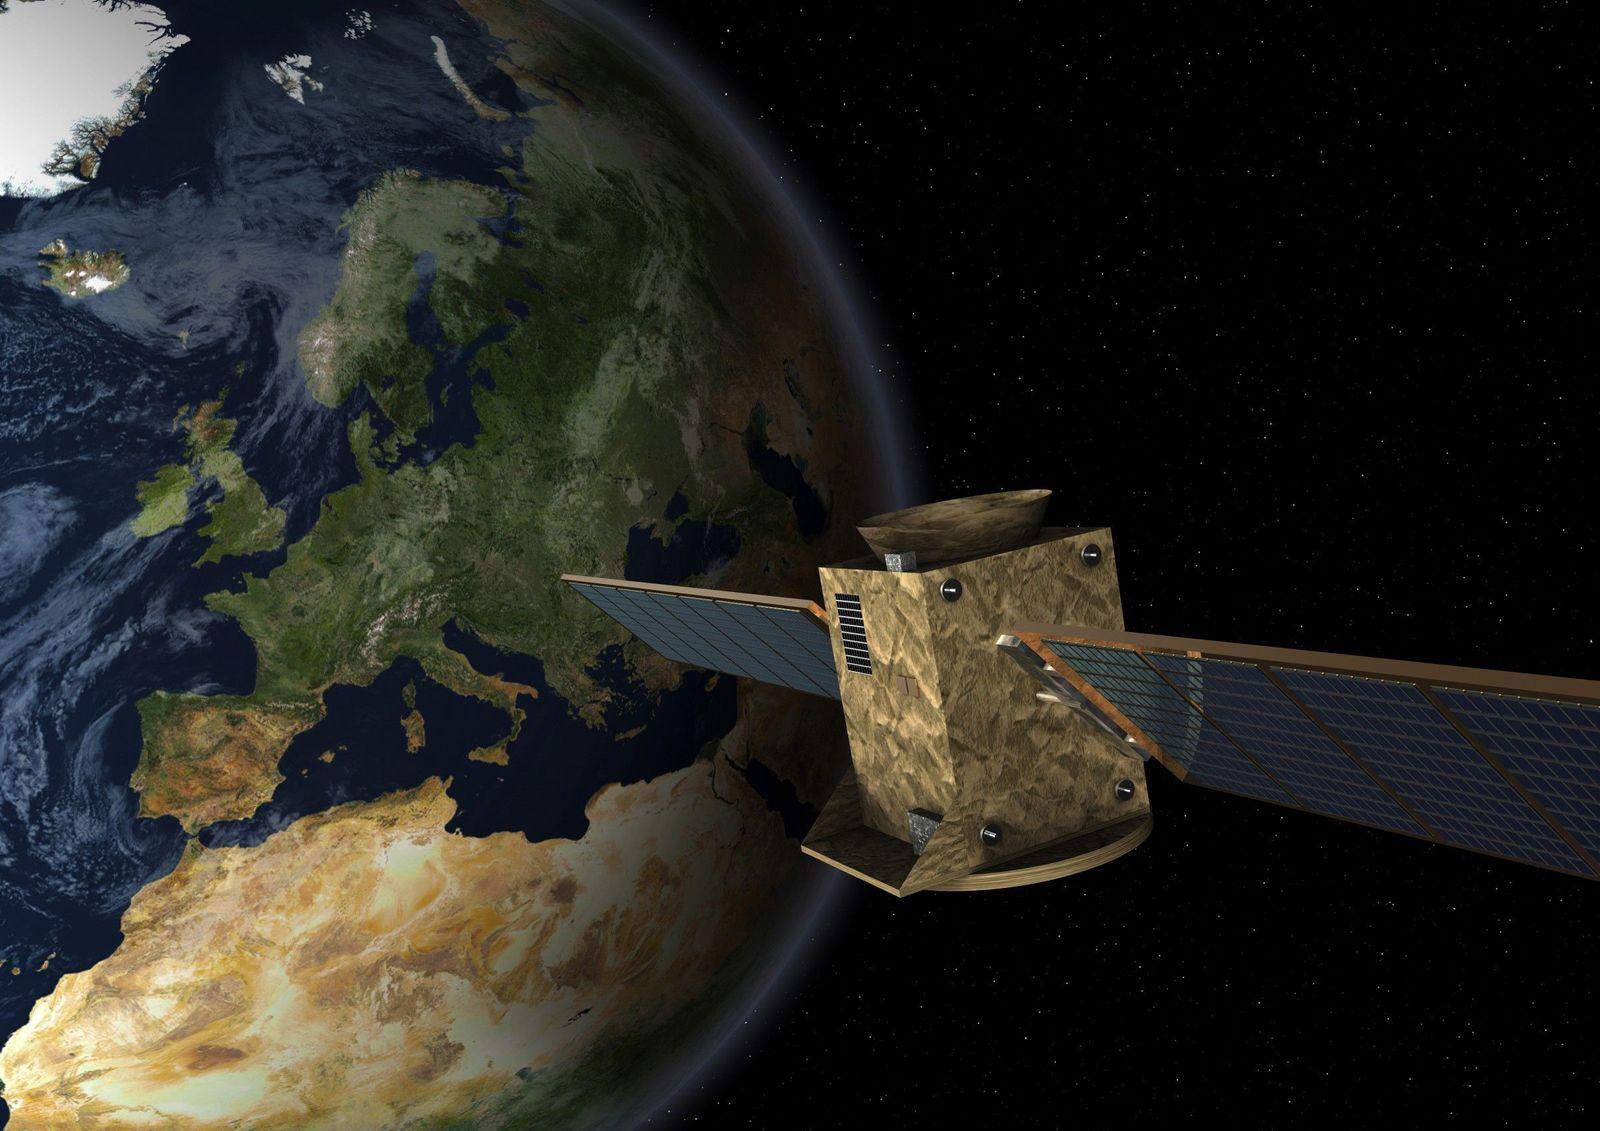 NICHT MEHR VERWENDEN! - Satelliten/ Datenübermittlung